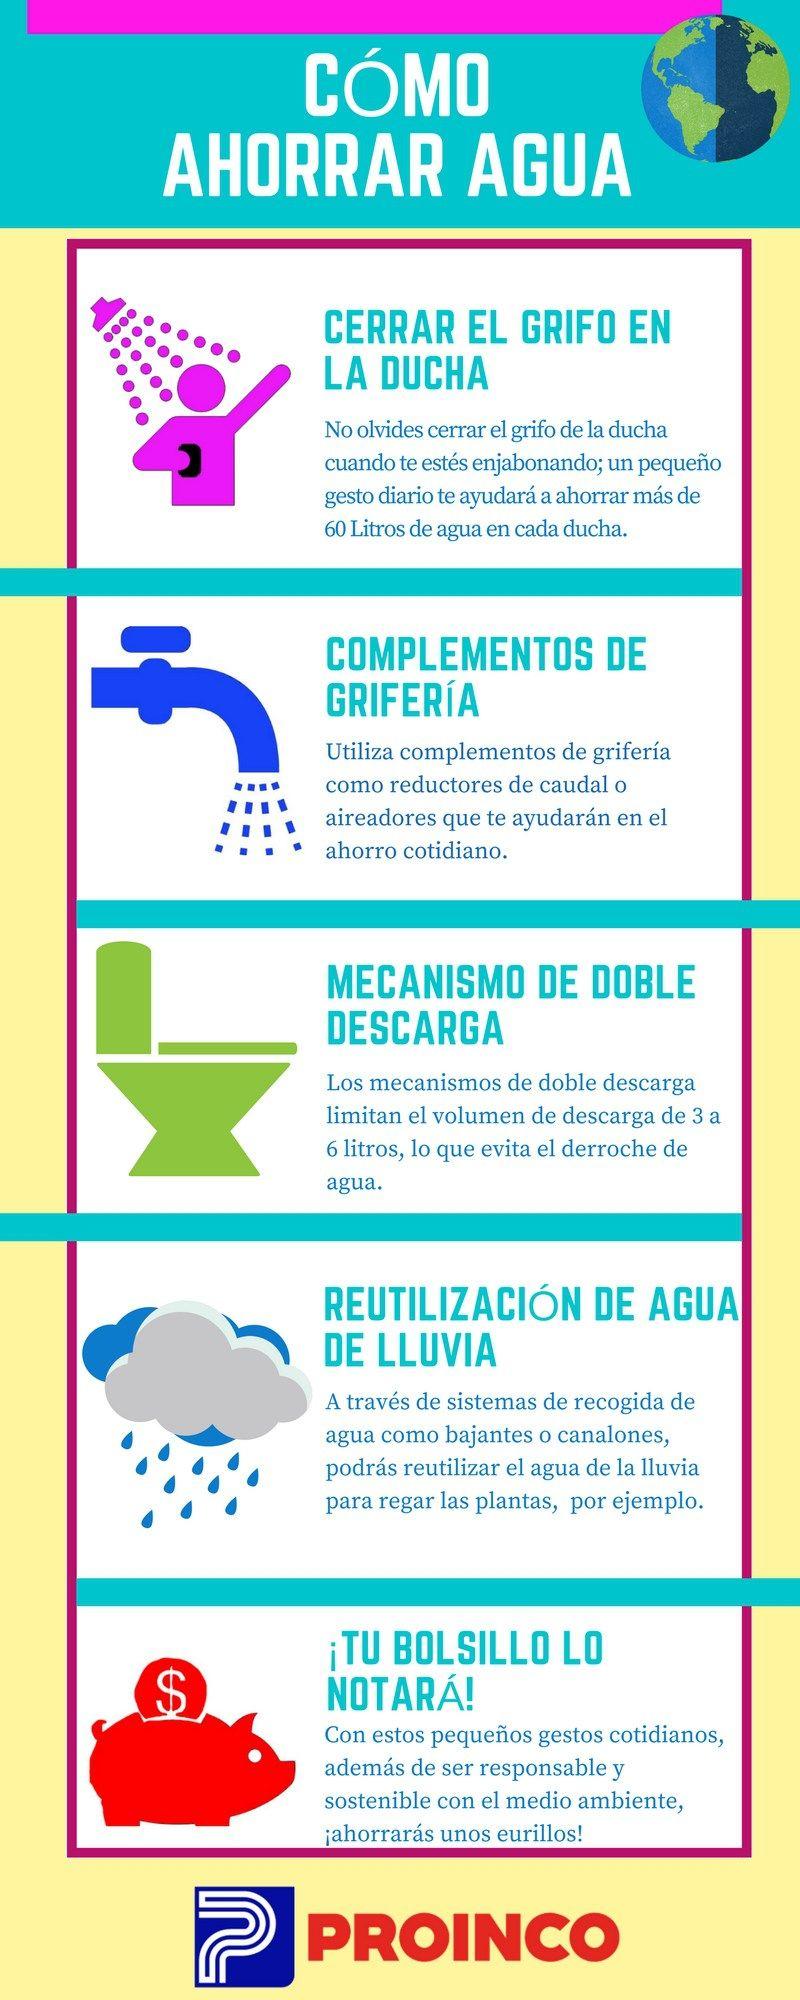 Infograf a de c mo ahorrar agua en casa ba os - Como podemos ahorrar agua en casa ...